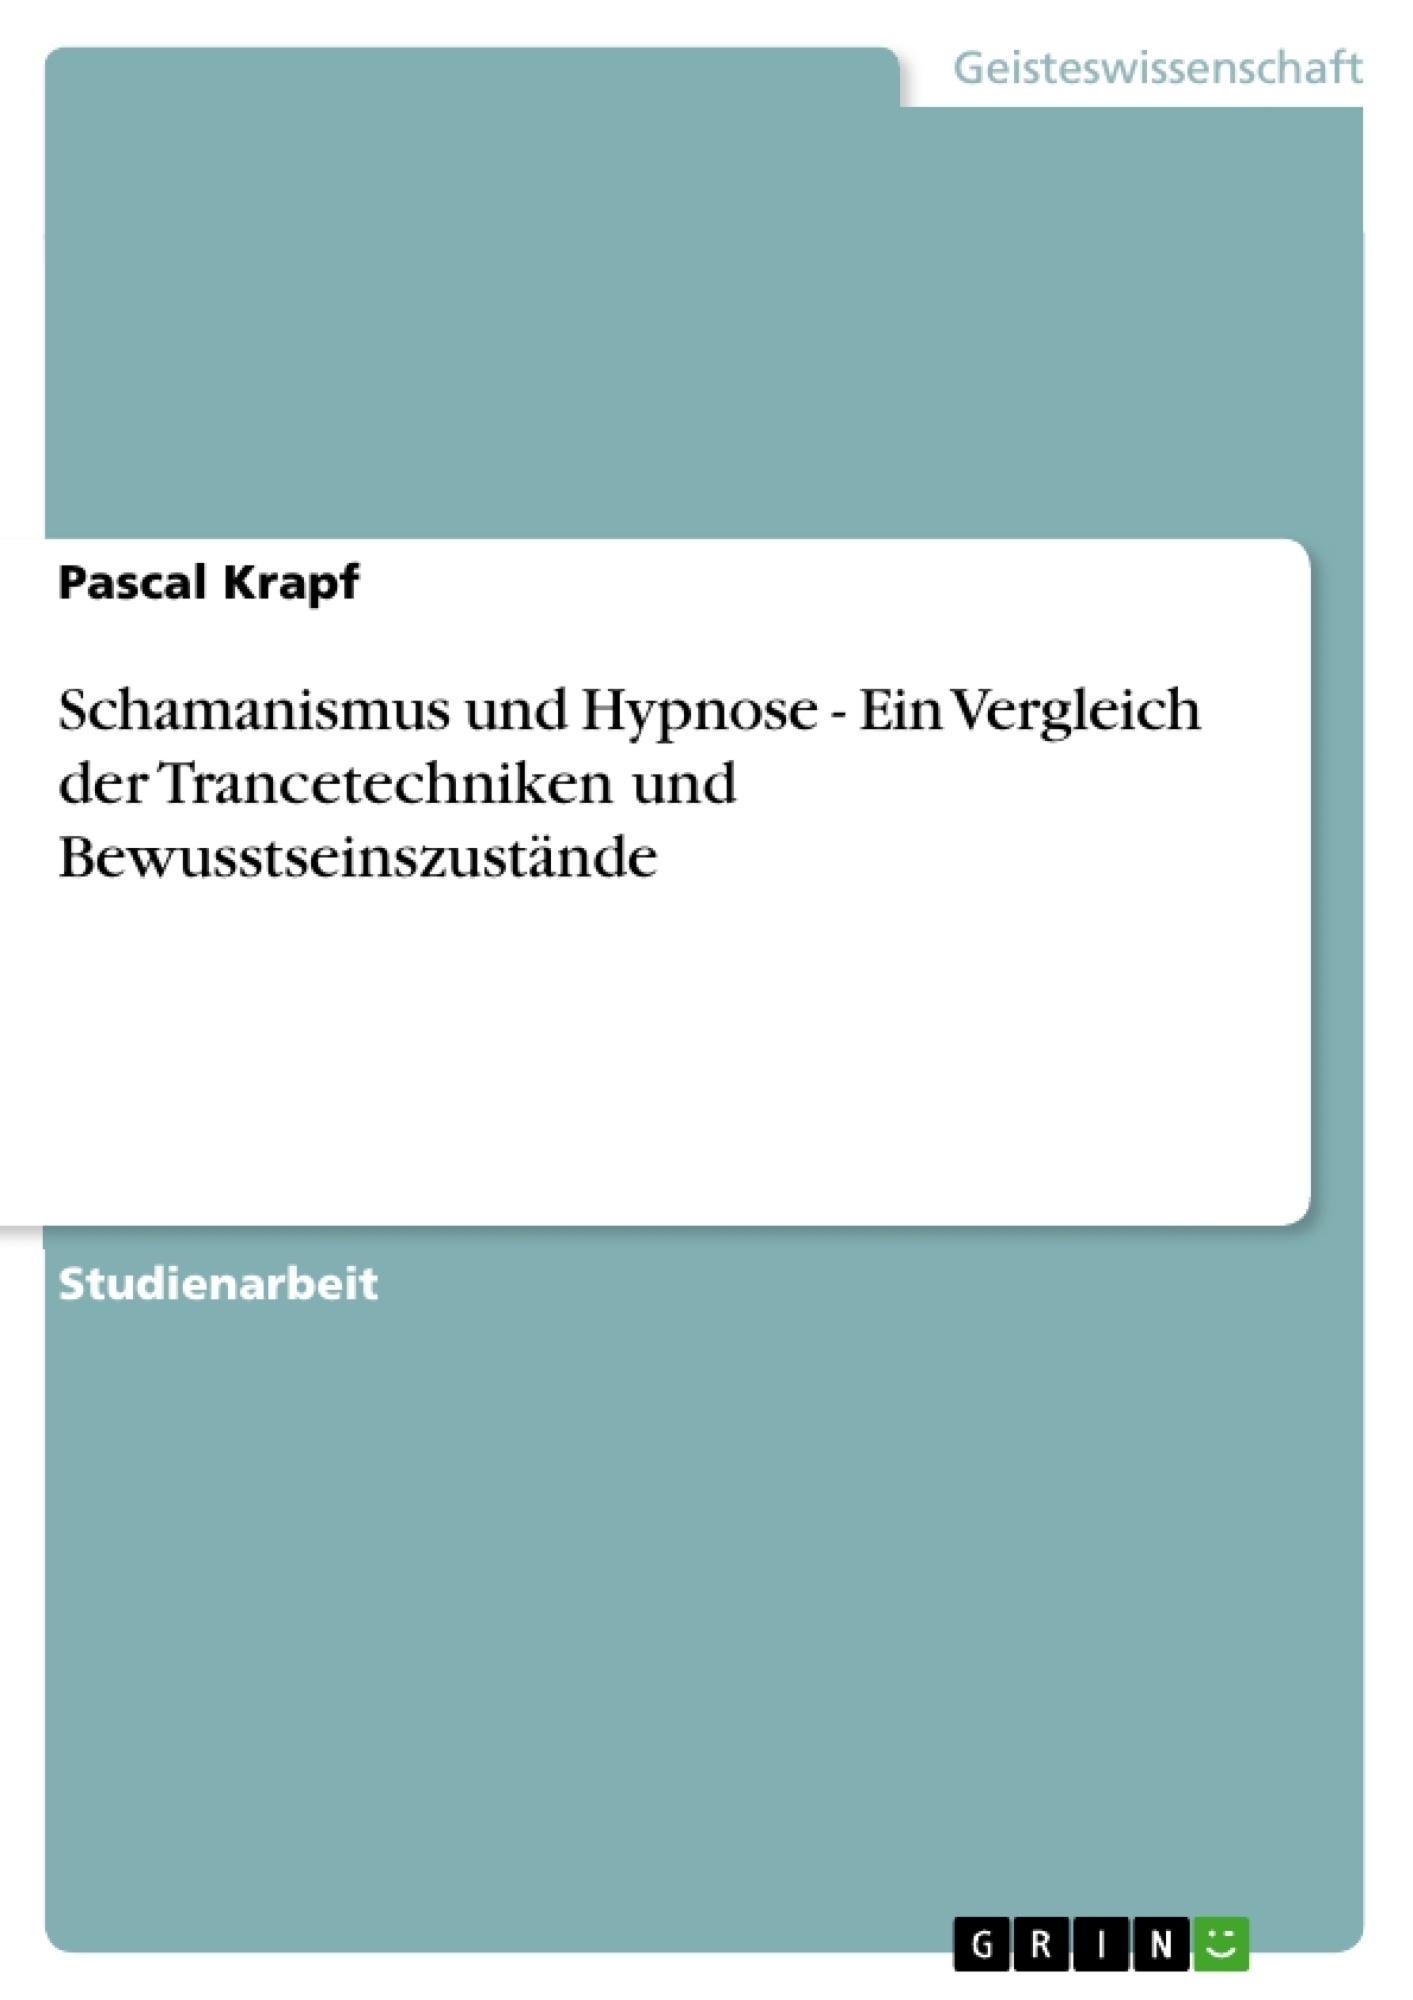 Titel: Schamanismus und Hypnose - Ein Vergleich der Trancetechniken und Bewusstseinszustände